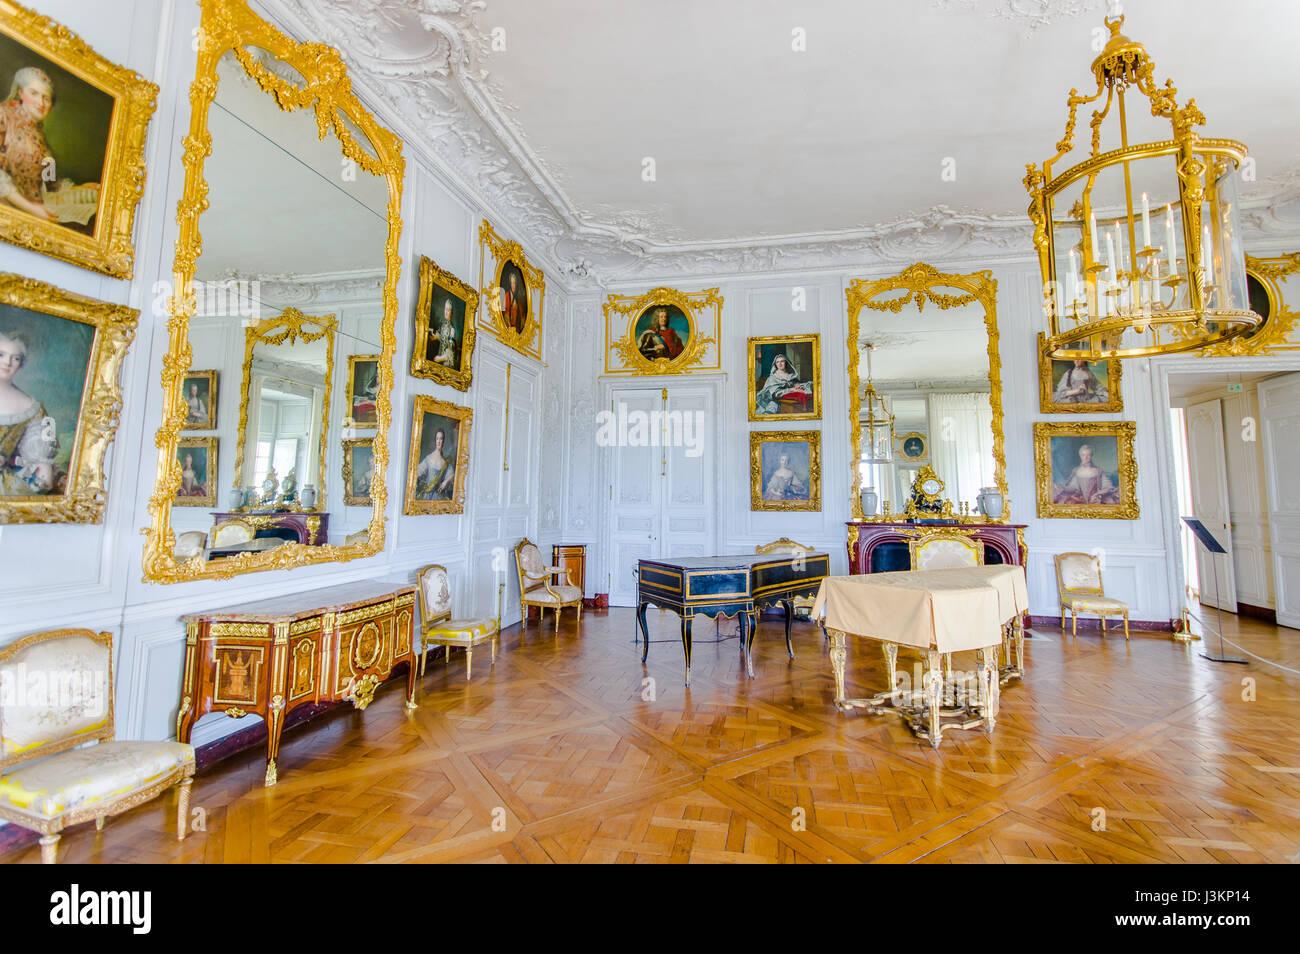 Interiors Palace Versailles Stockfotos & Interiors Palace Versailles ...